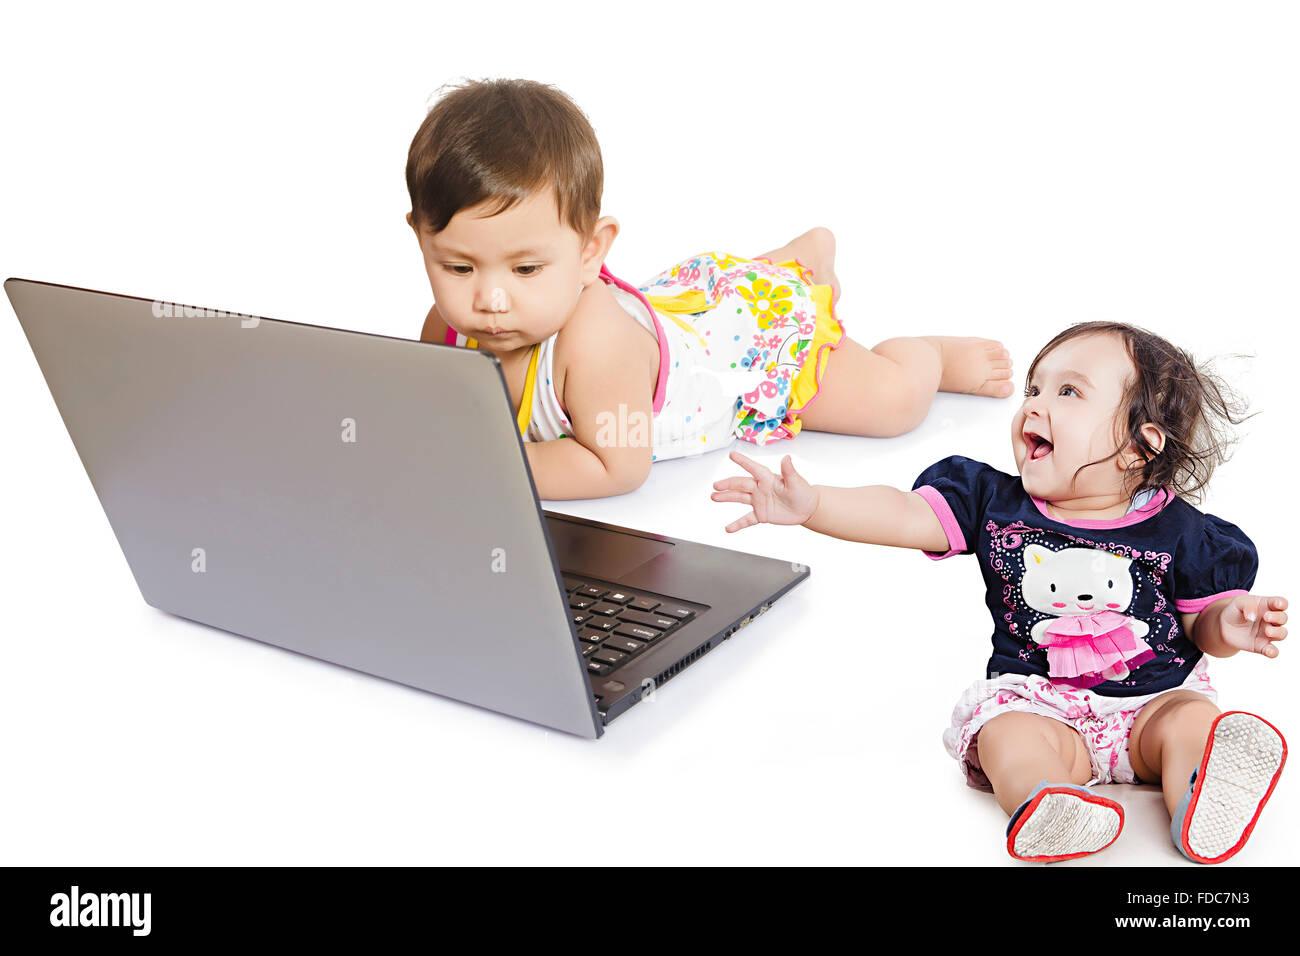 2 Personen Kinder Babys Freunde Mädchen nur Laptop Bildung Stockfoto